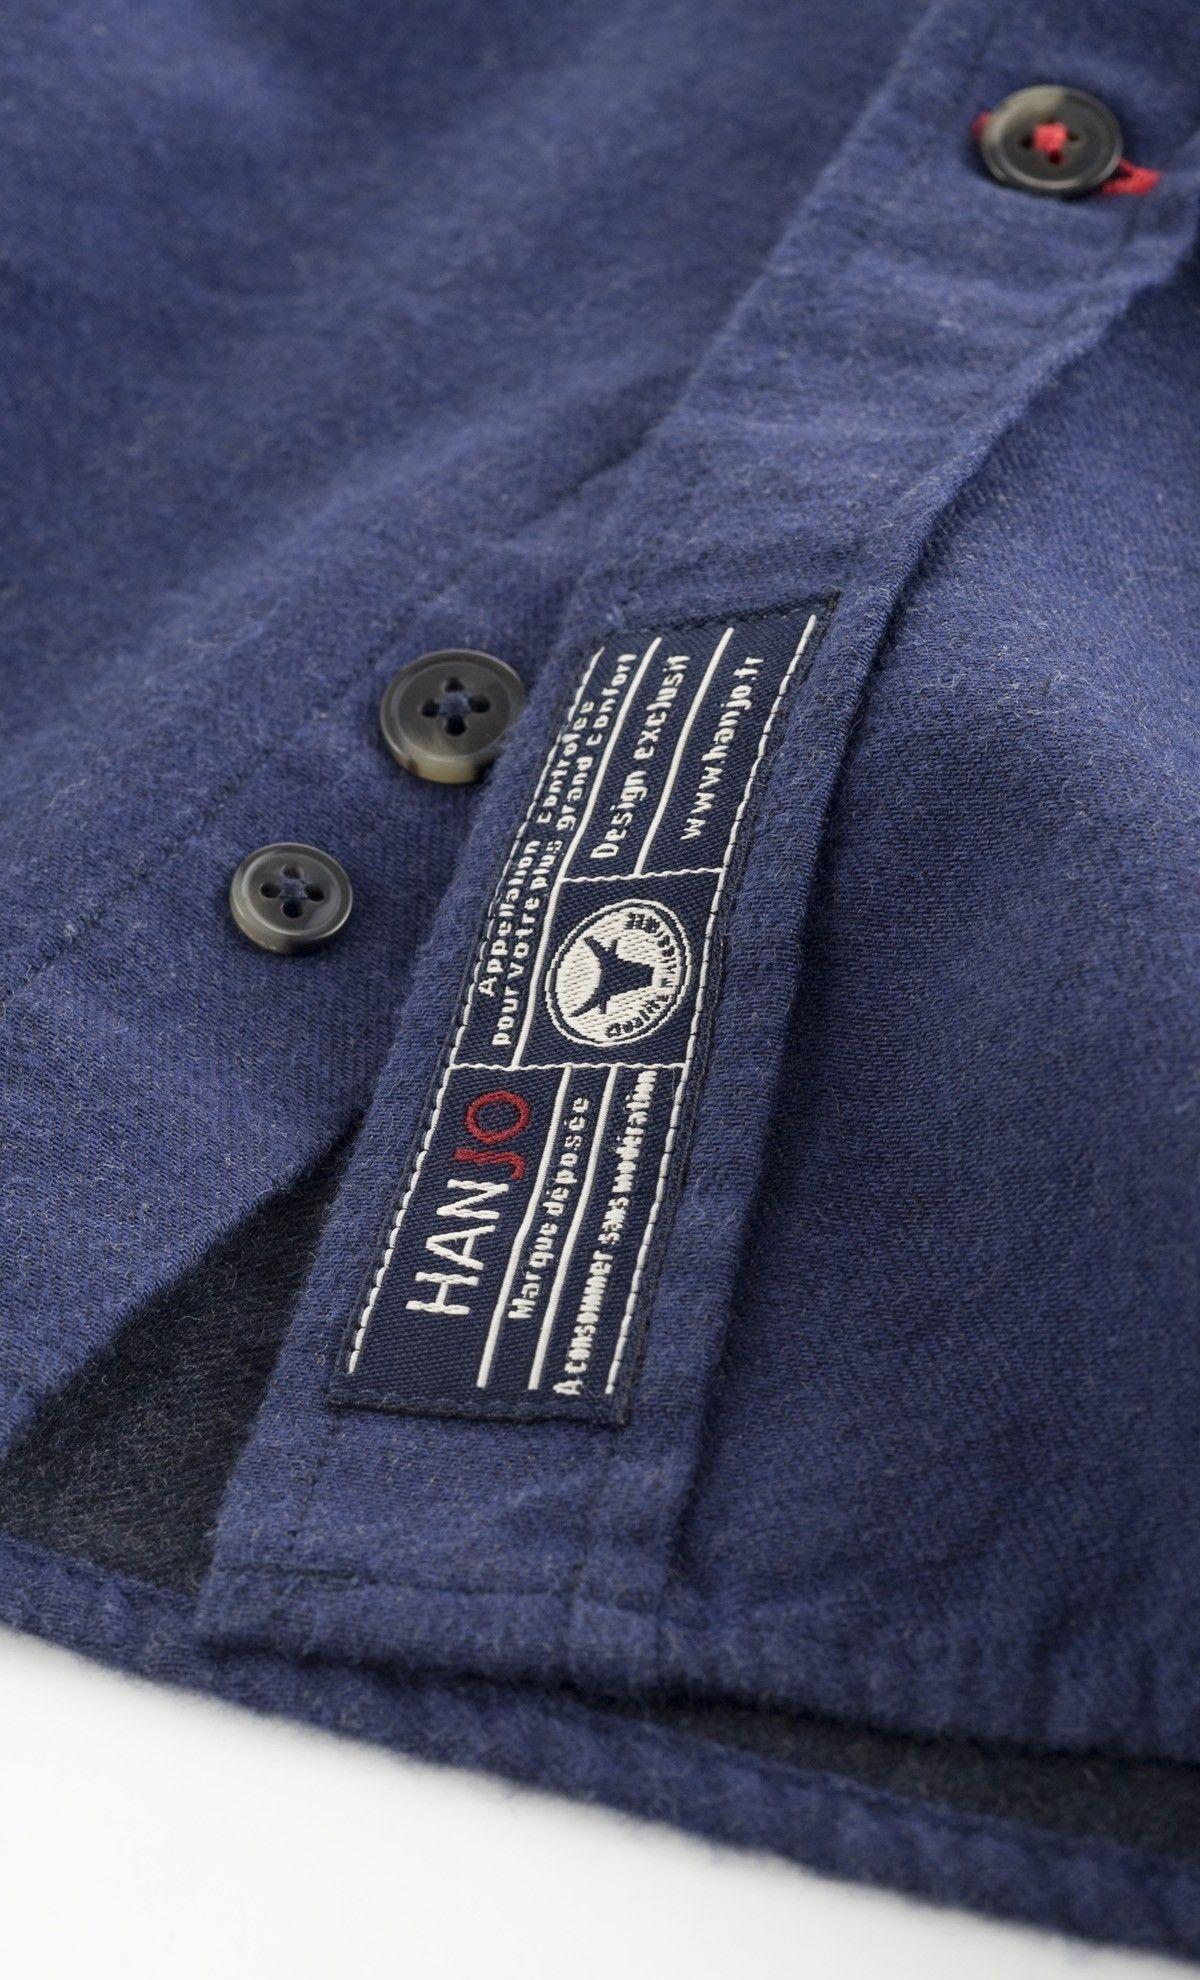 d8c139c98475a Tenue Homme Classe Soirée / Fete Style Moderne Habillé / Chemise ...